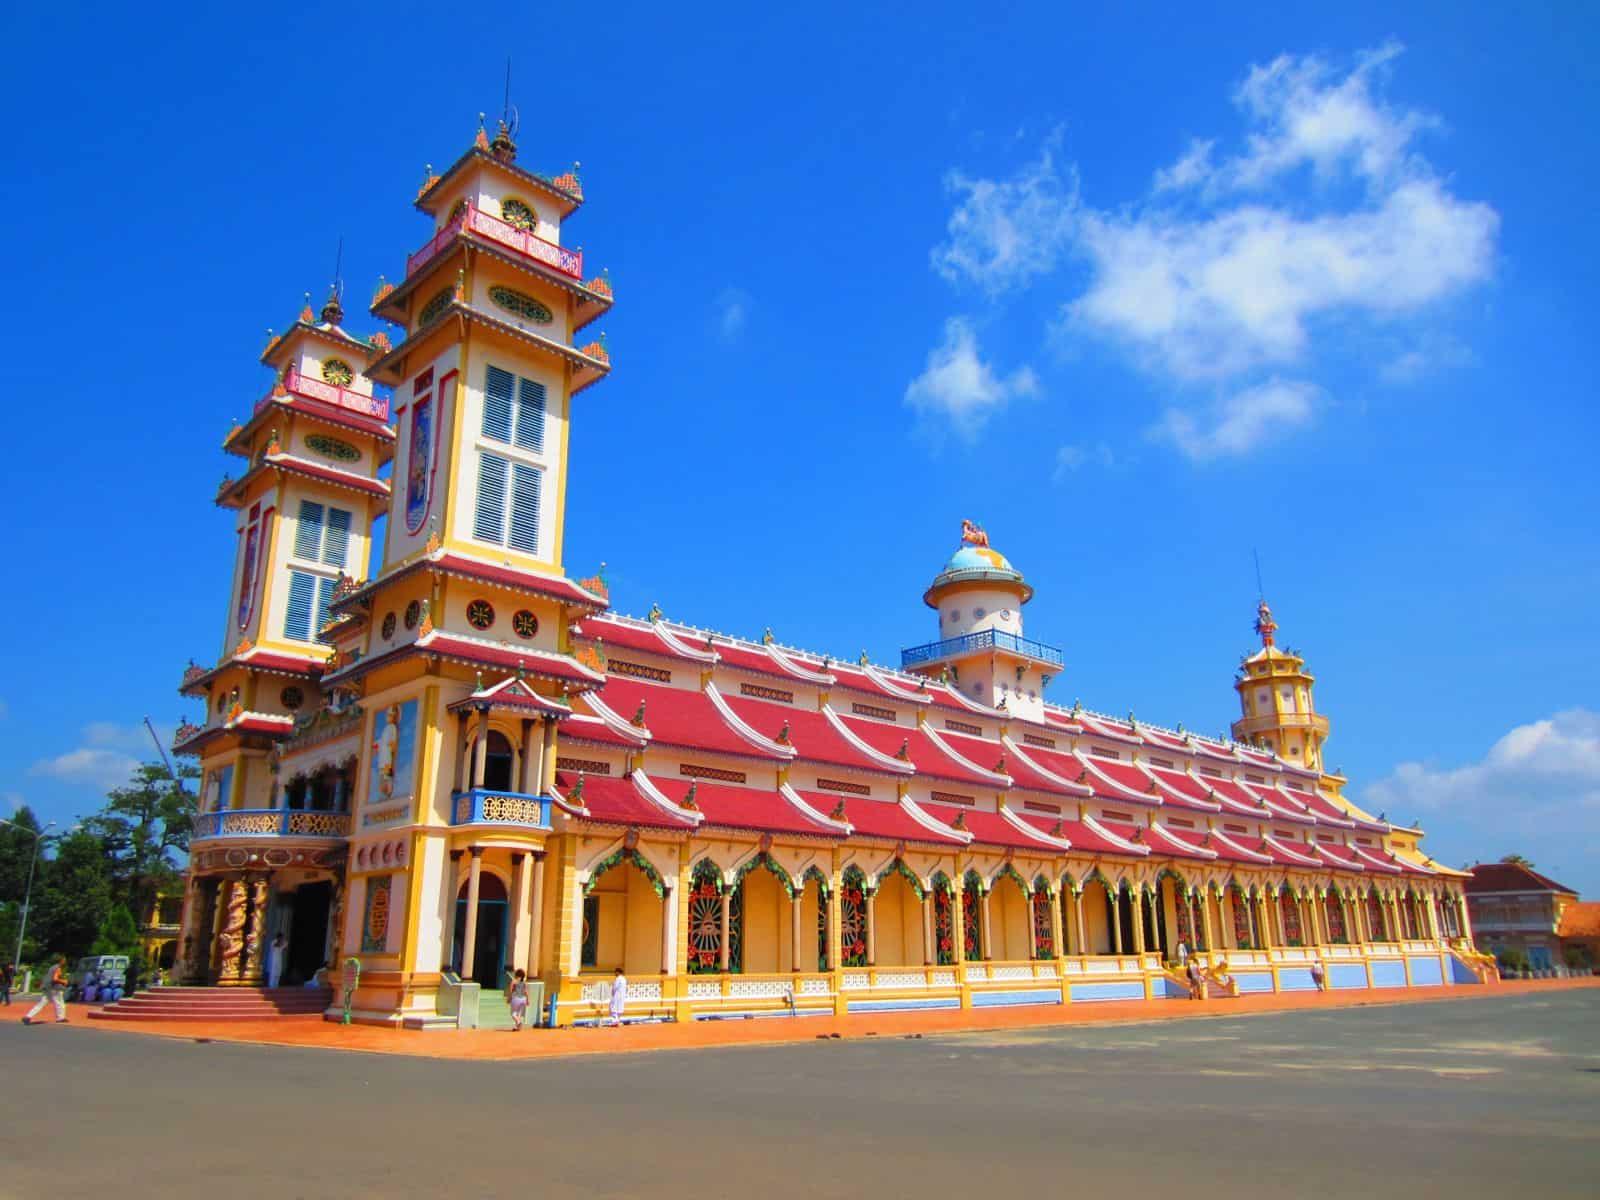 """Du lịch Tây Ninh: 15 địa điểm du lịch """"độc đáo"""" thu hút nhiều người"""